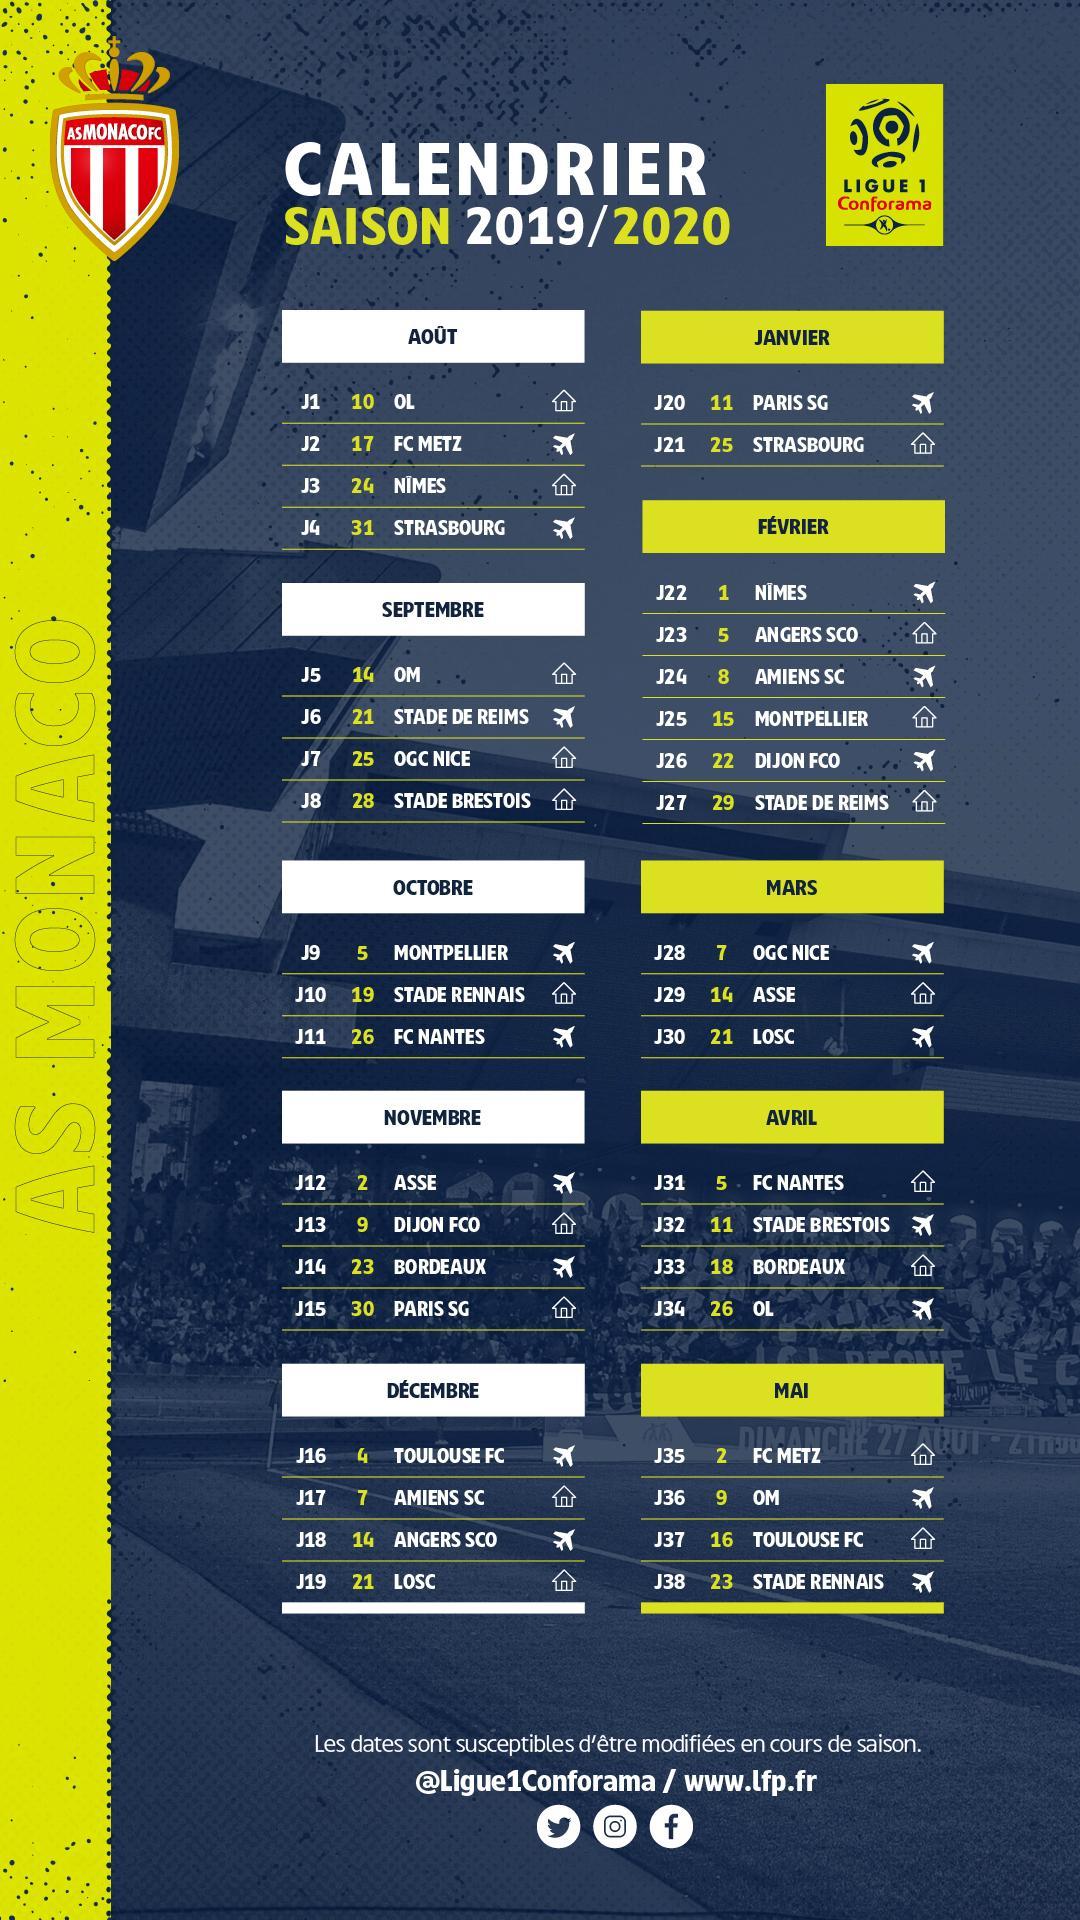 Calendrier Top 14 Saison 2020 2019.Ligue 1 Le Calendrier 2019 2020 Int Gral De L Asm